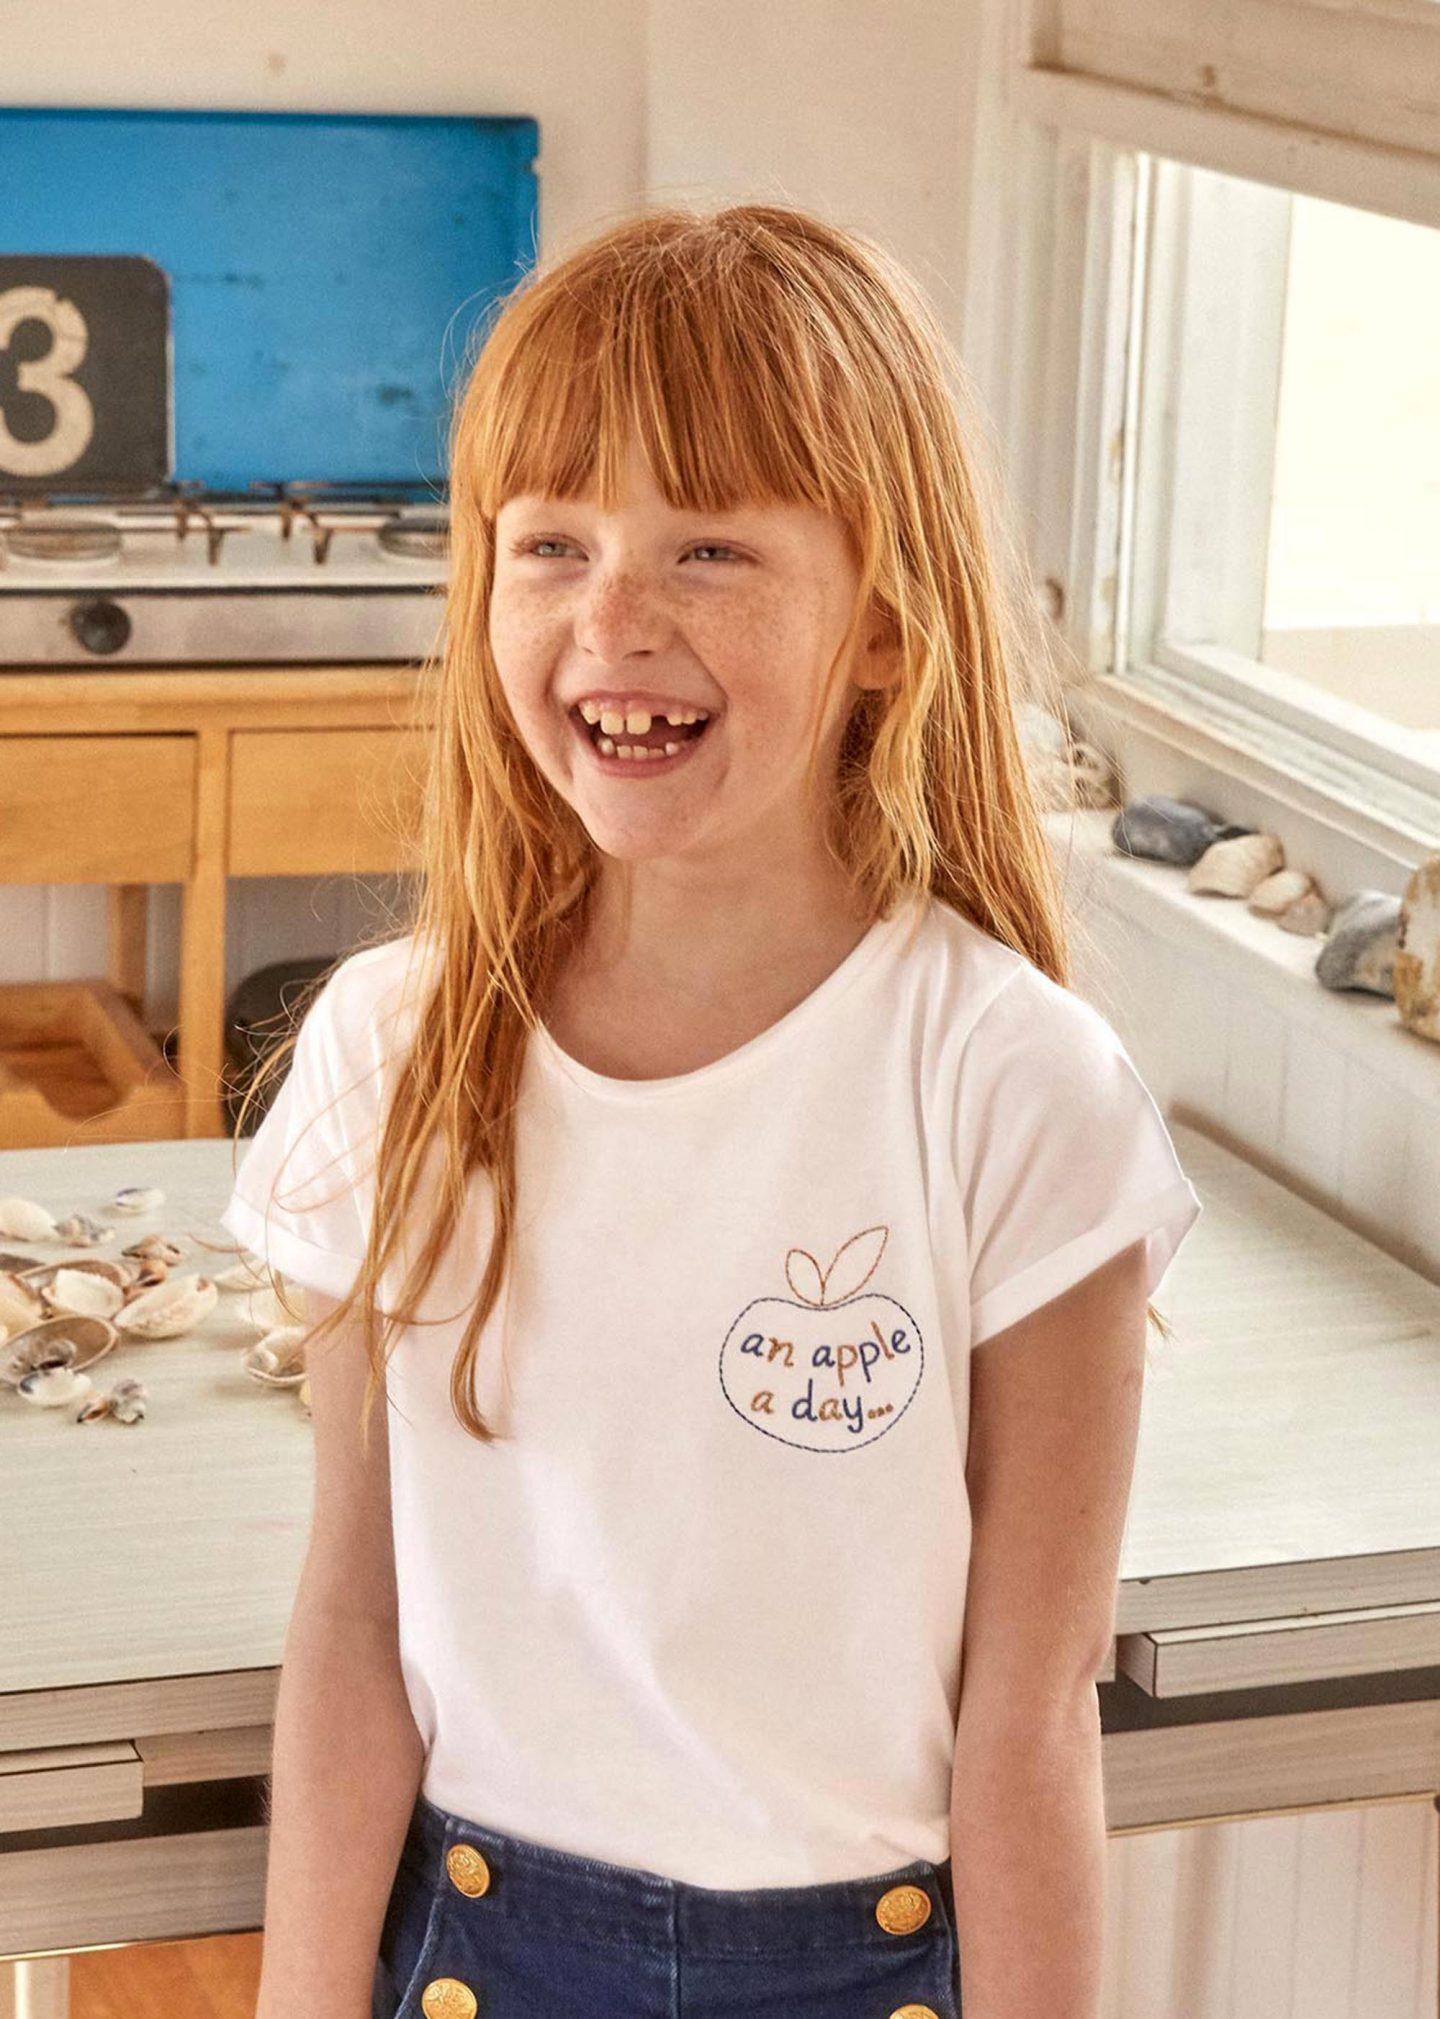 girl-in-apple-t-shirt